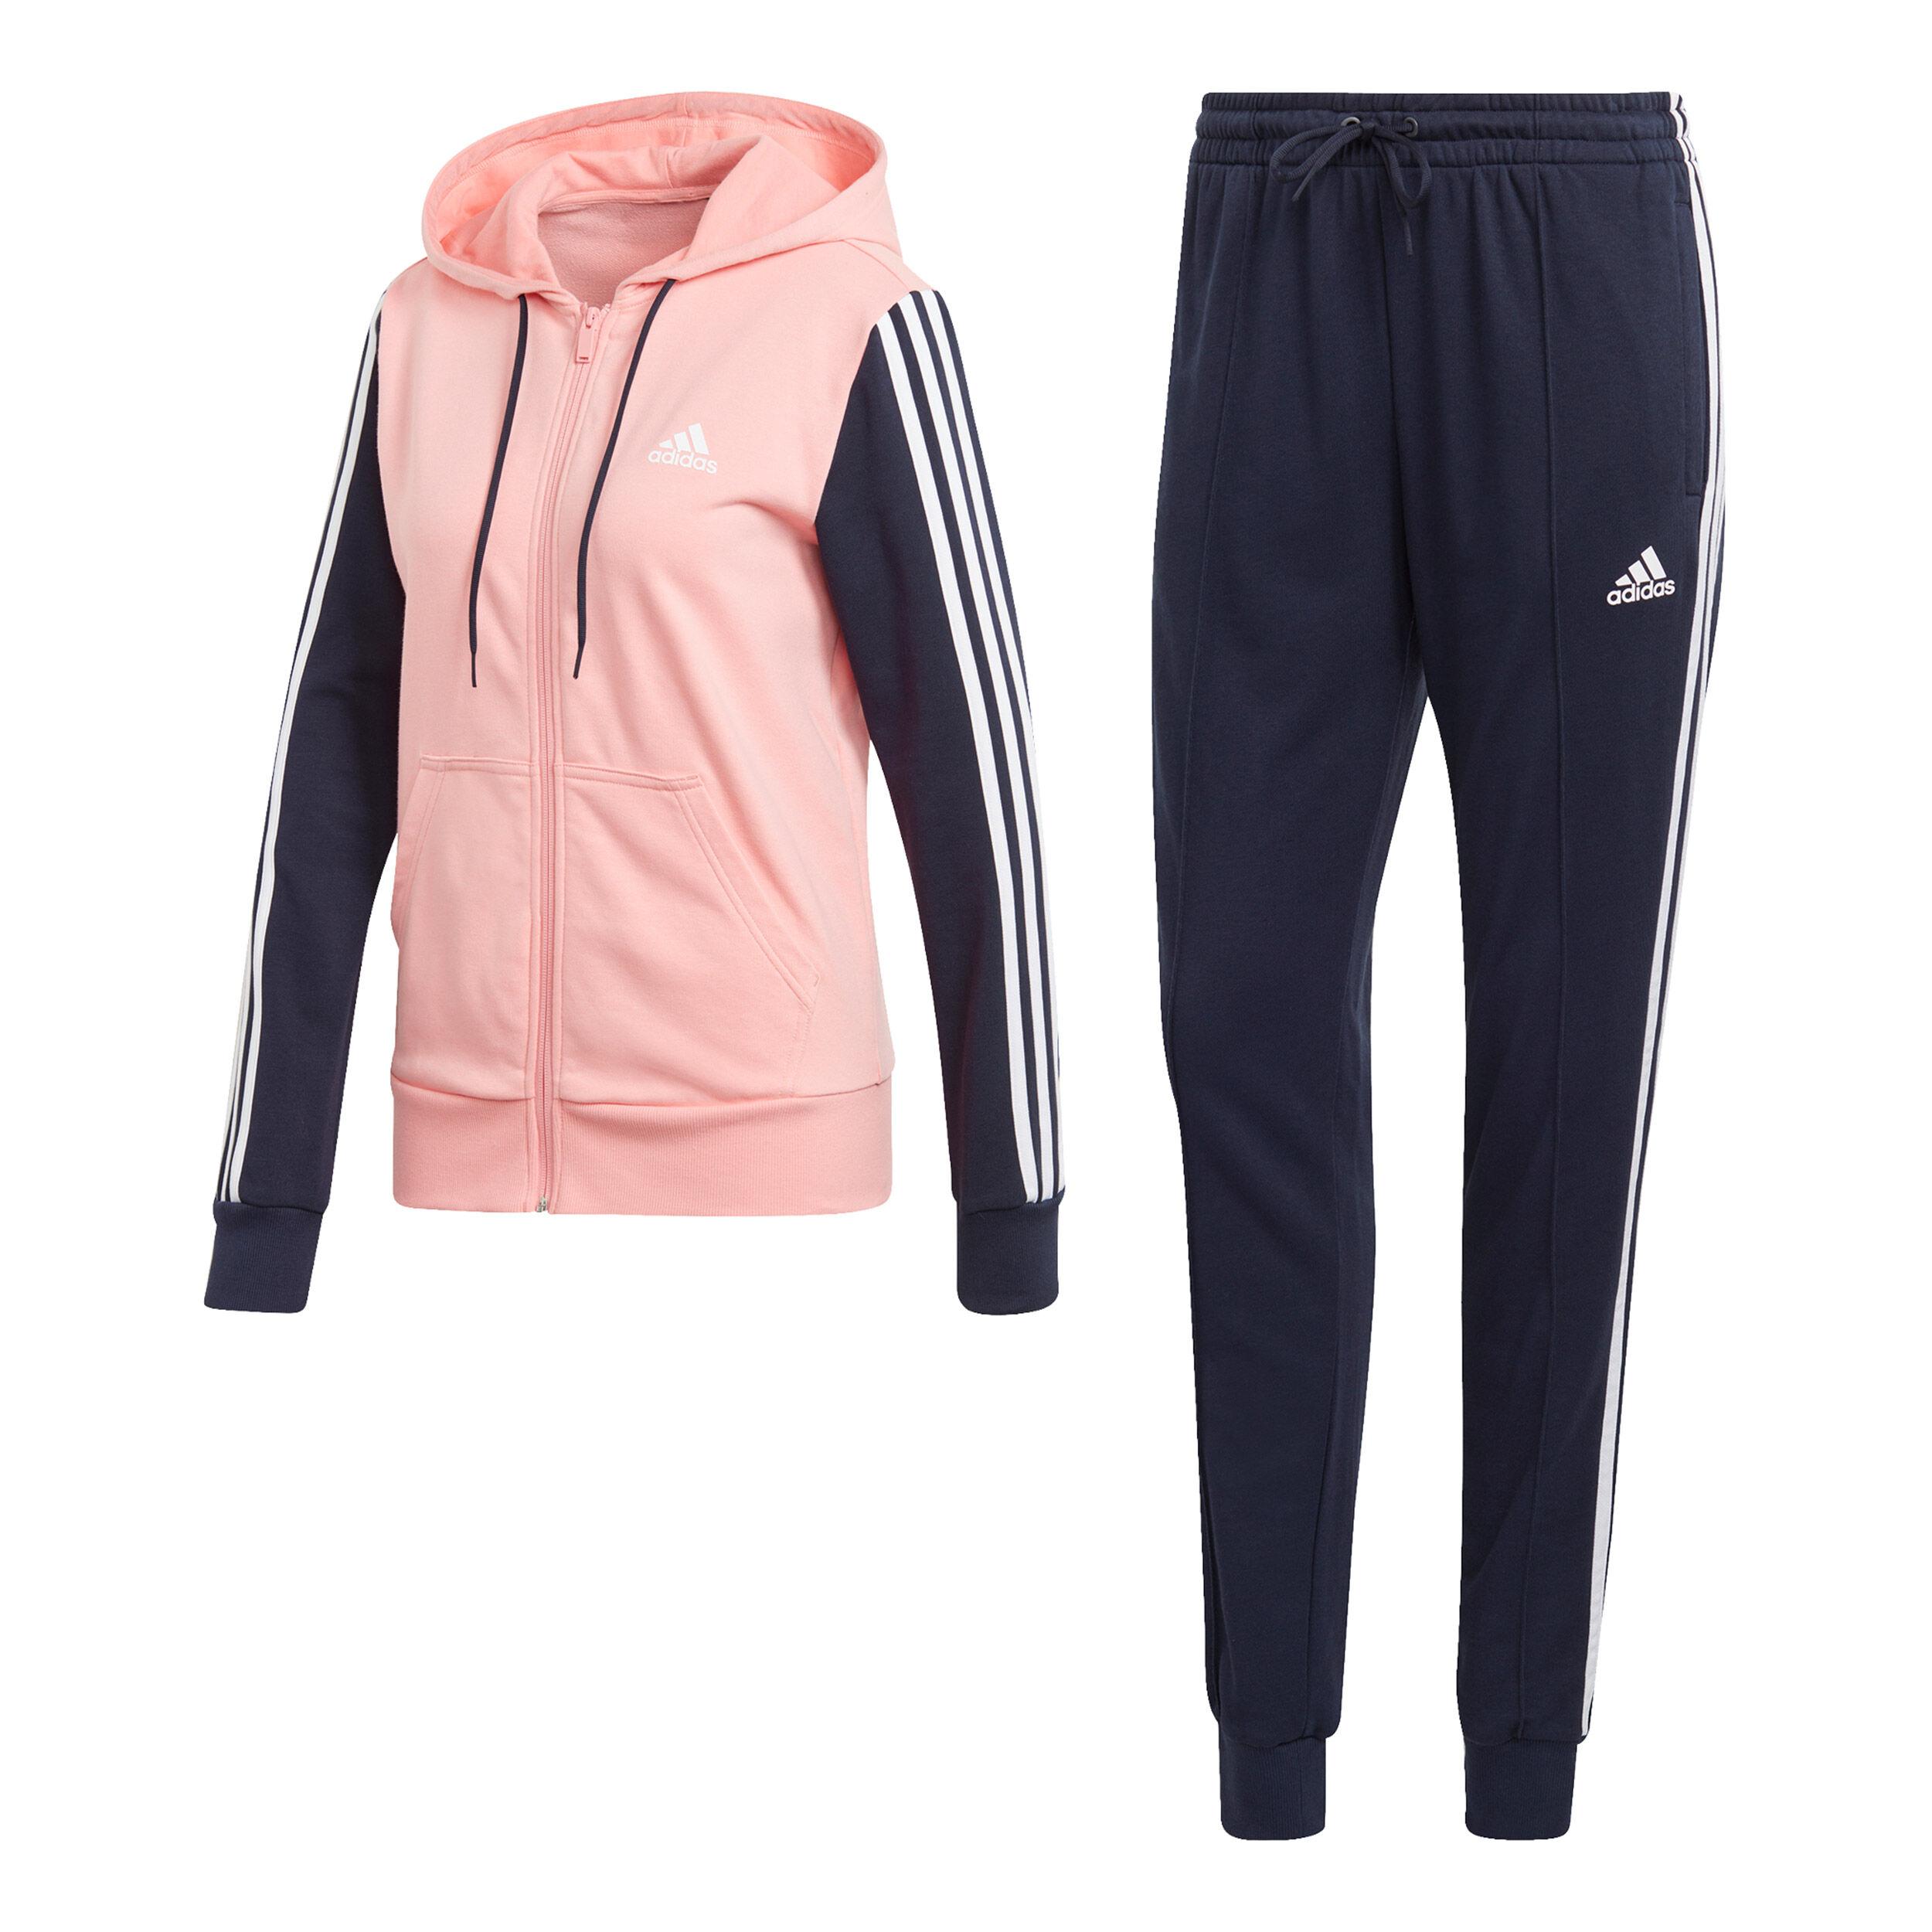 adidas Energize Trainingspak Dames - Roze, Donkerblauw ...